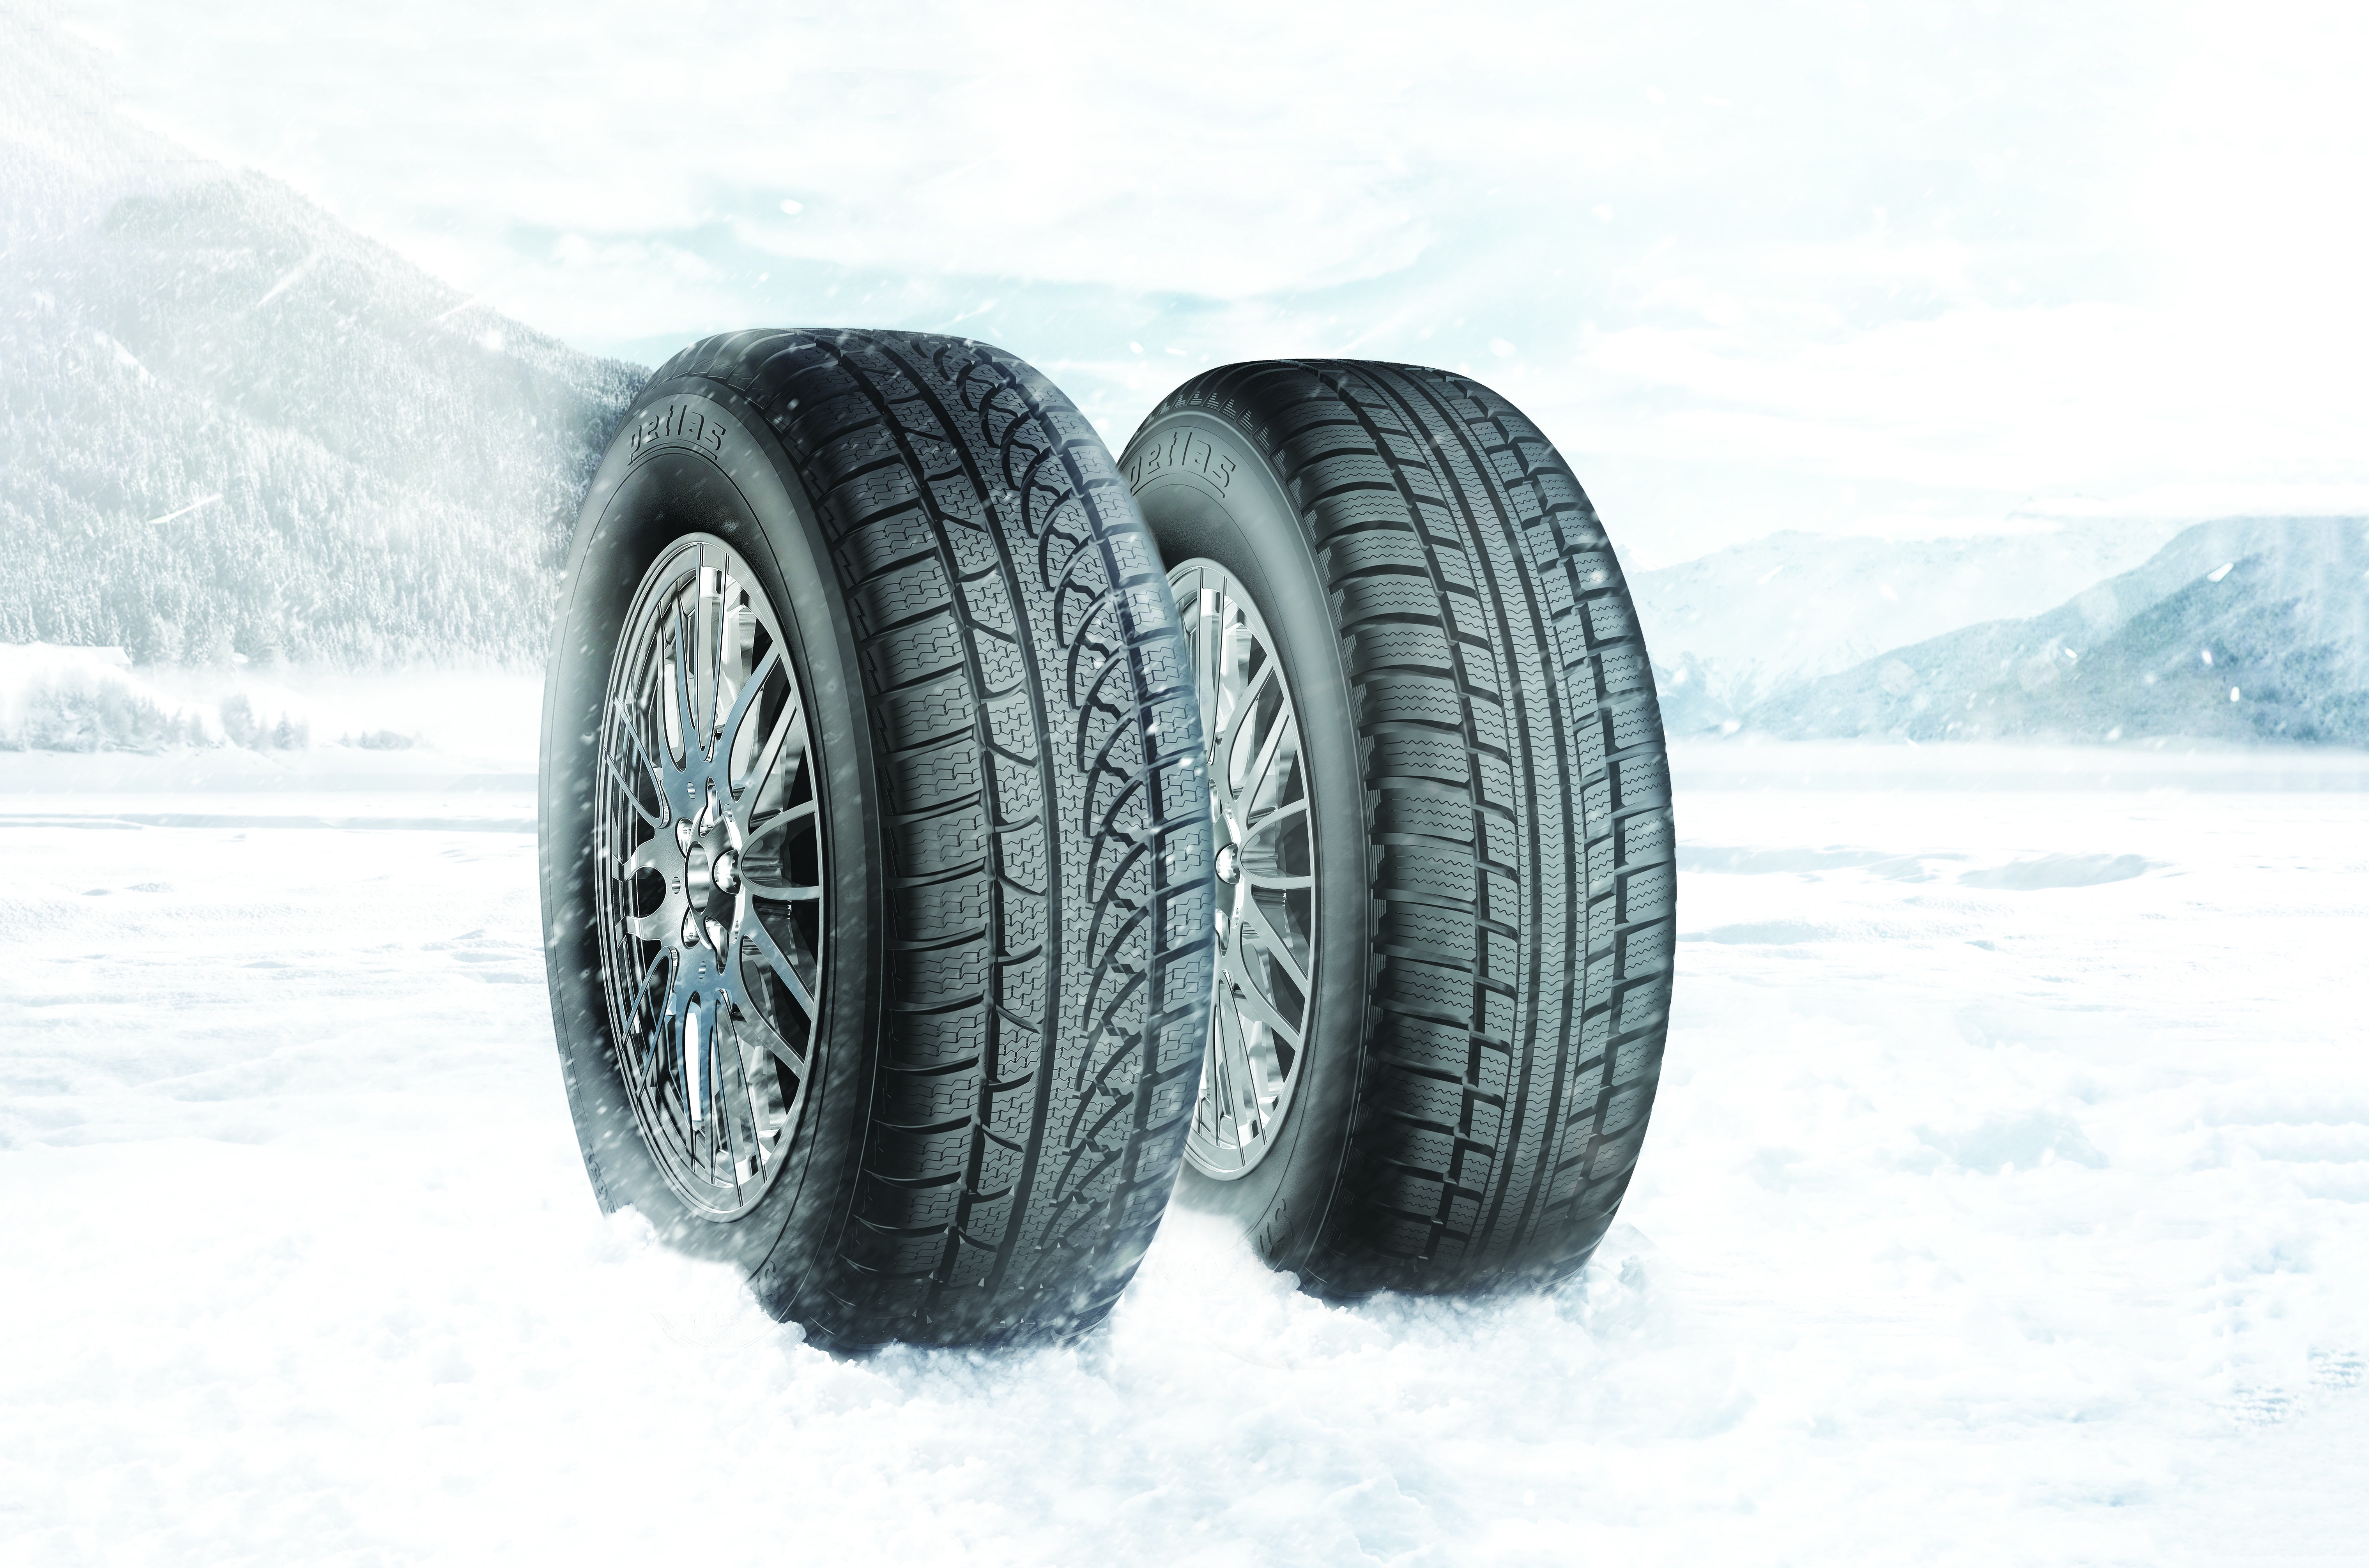 Petlas Kış Lastikleri Mercedes-Benz Starmaxx Kış Lastikleri Mazda Mx-5 Kazandırıyor